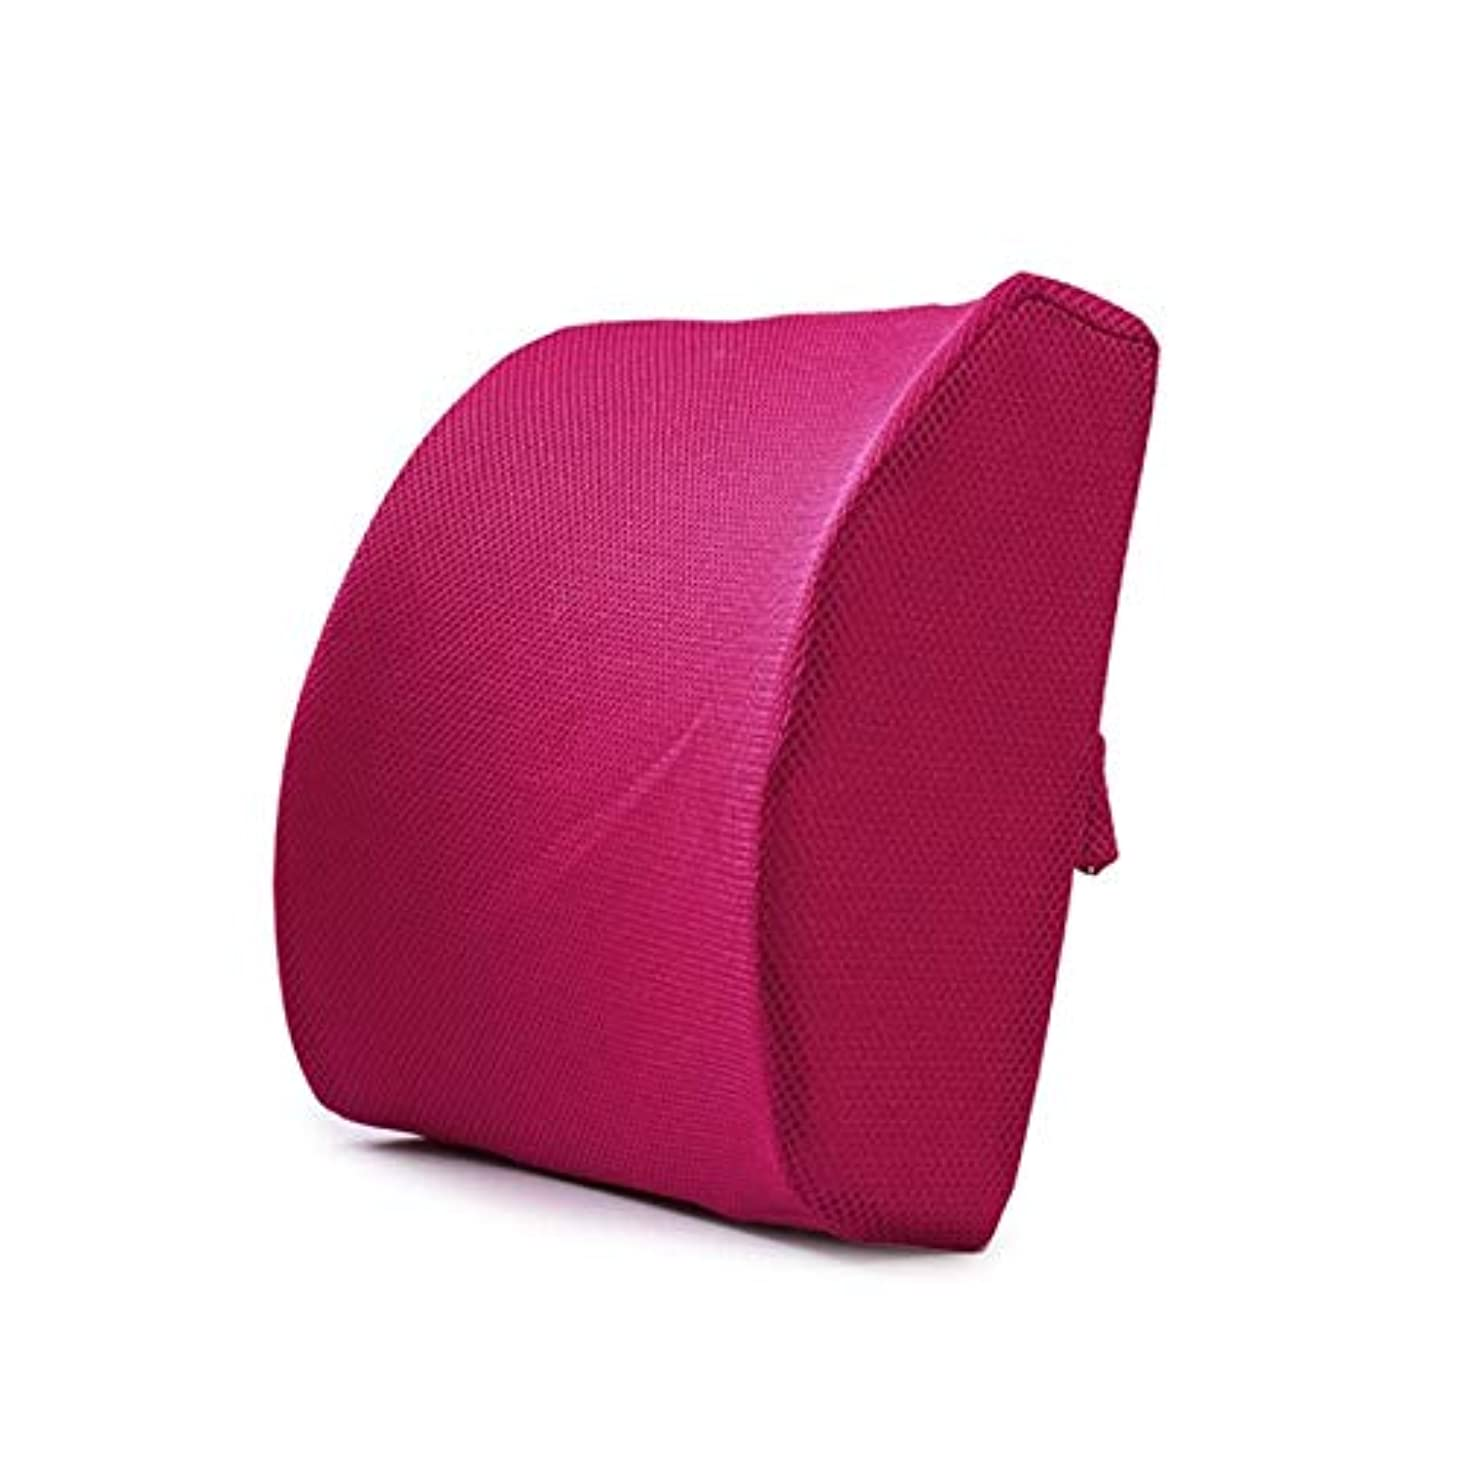 リアル葉相談するLIFE ホームオフィス背もたれ椅子腰椎クッションカーシートネック枕 3D 低反発サポートバックマッサージウエストレスリビング枕 クッション 椅子